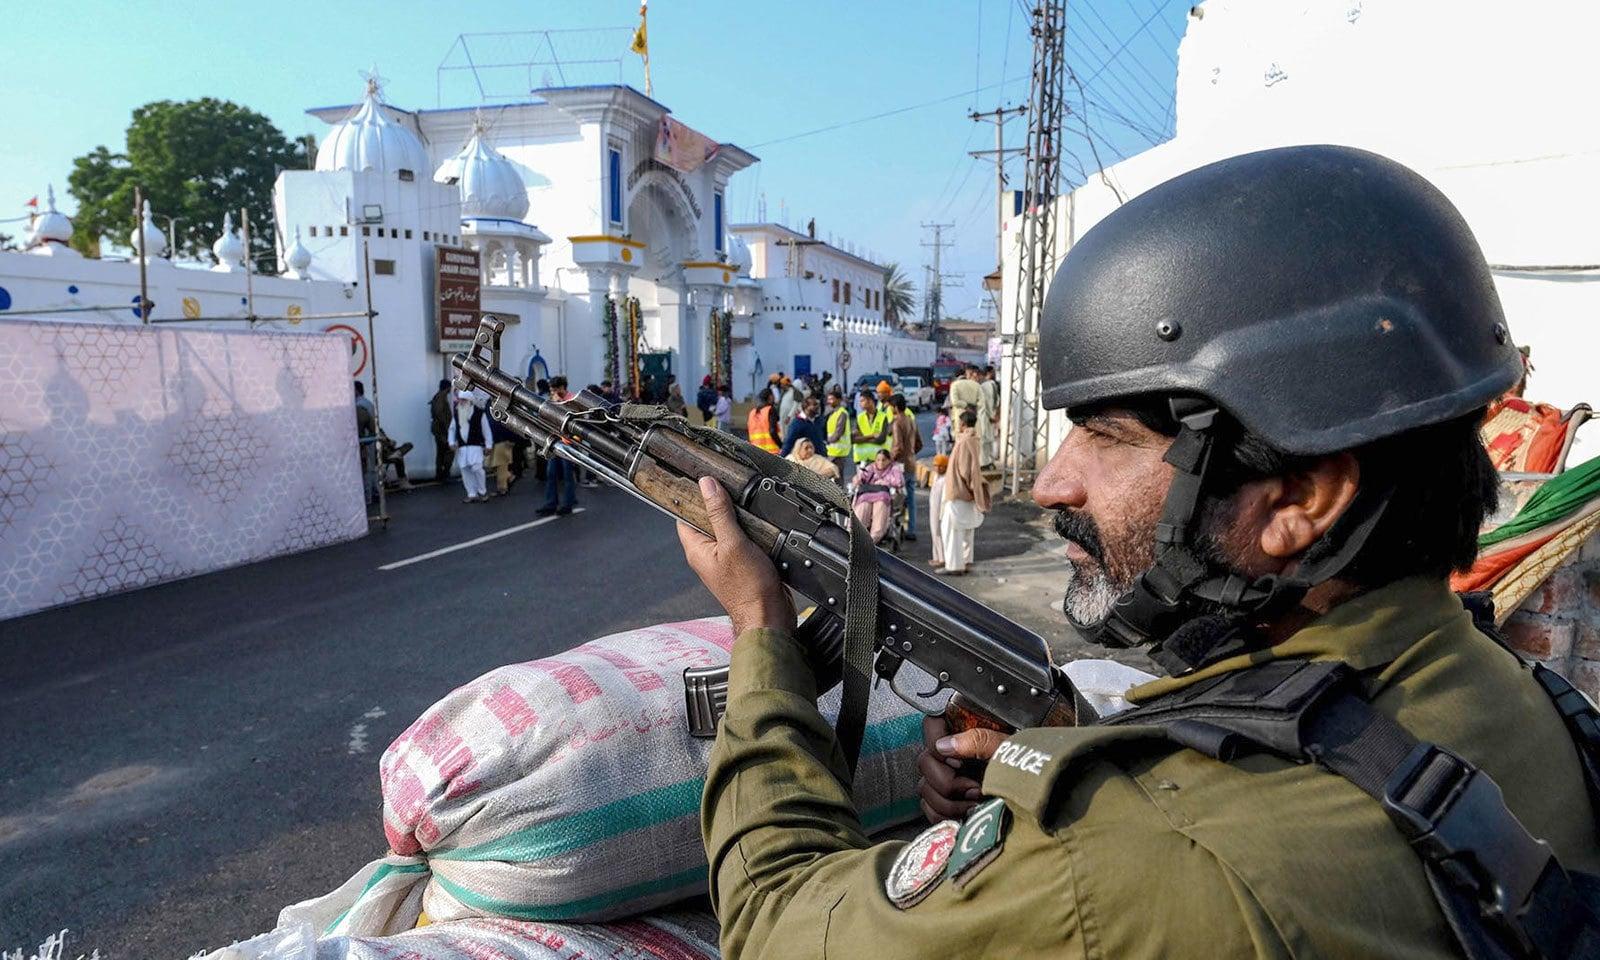 مزار کے باہر پولیس اہلکار الرٹ کھڑا ہے — فوٹو: اے ایف پی